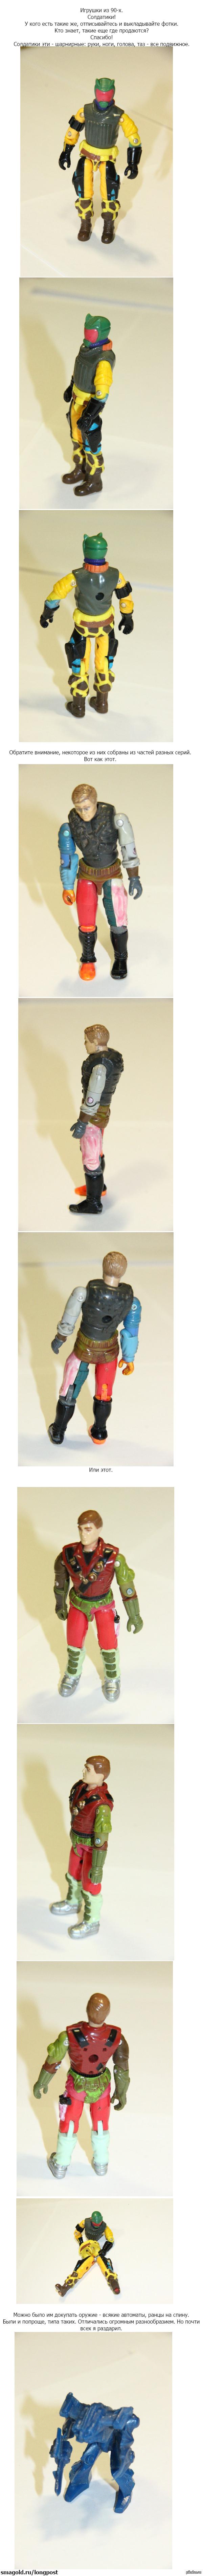 Старые Игрушки из 90-х. Солдатики. У кого есть такие же, отписывайтесь, фотки выкладывайте. Такие не продаются больше.